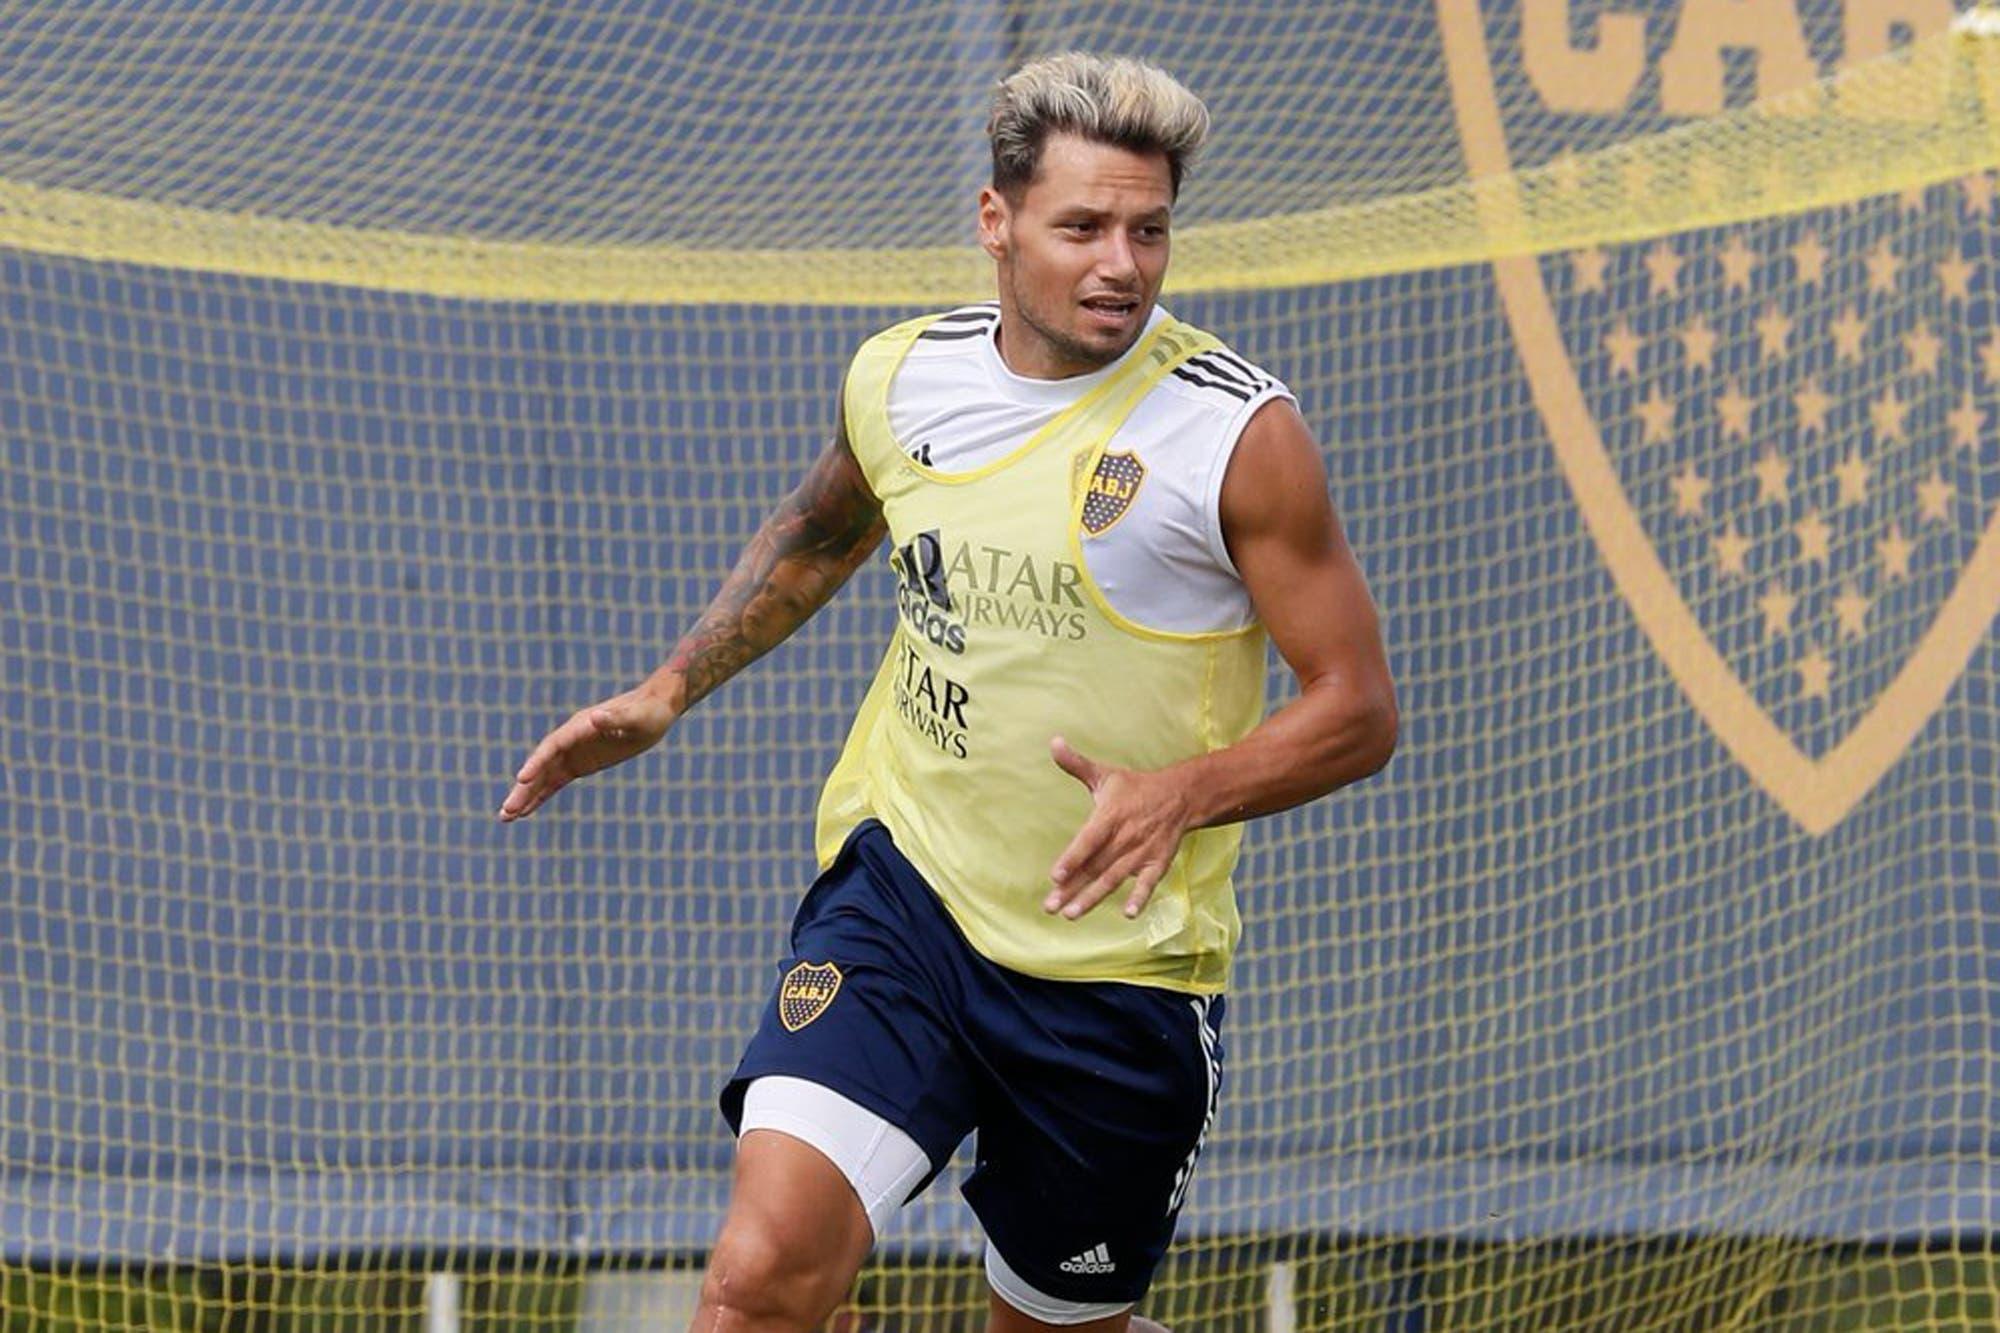 La hora clave de Mauro Zárate: se define si sigue o no en Boca